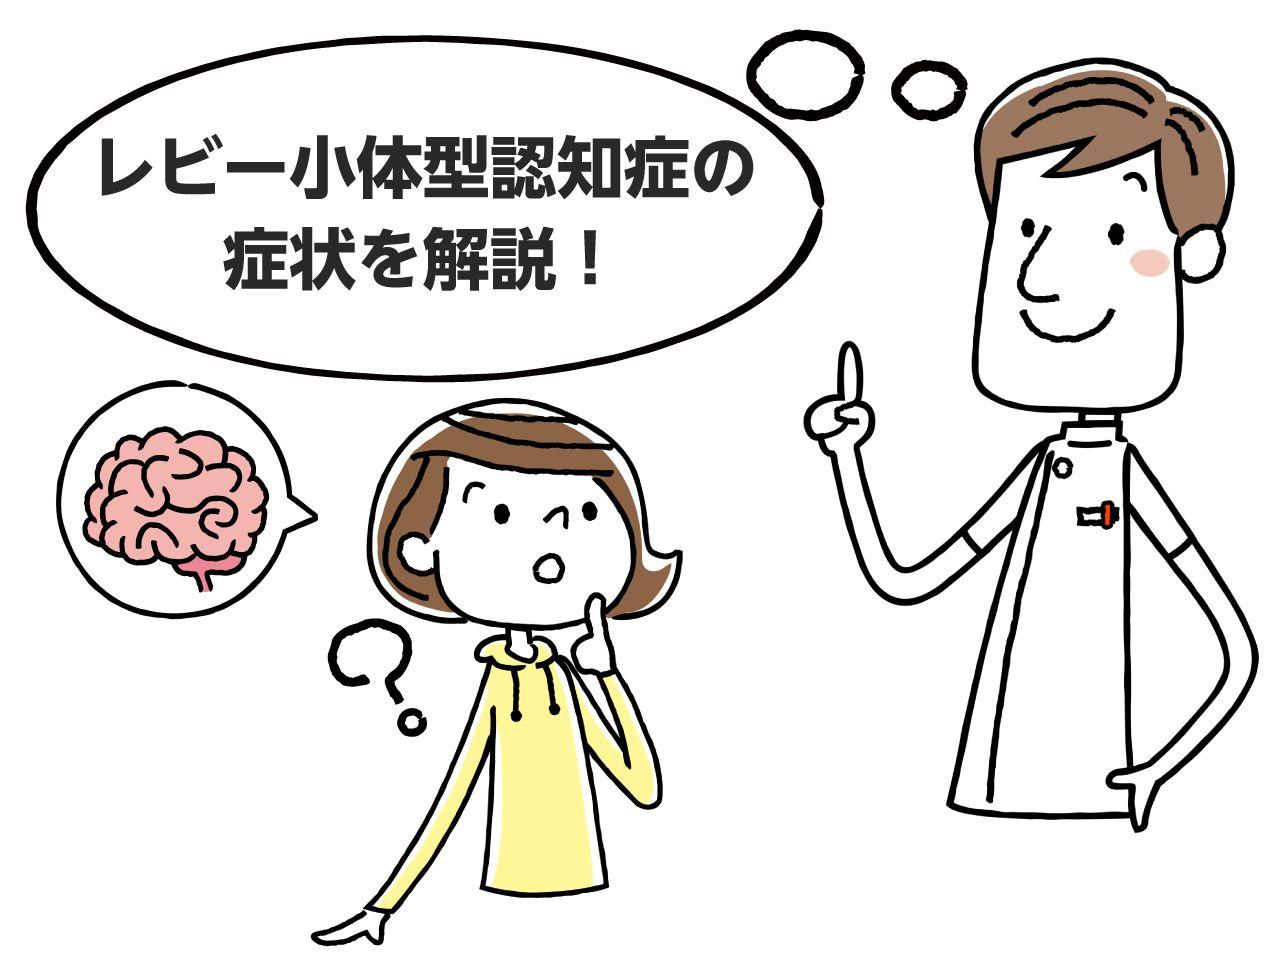 レビー 小 体型 認知 症 リハビリ